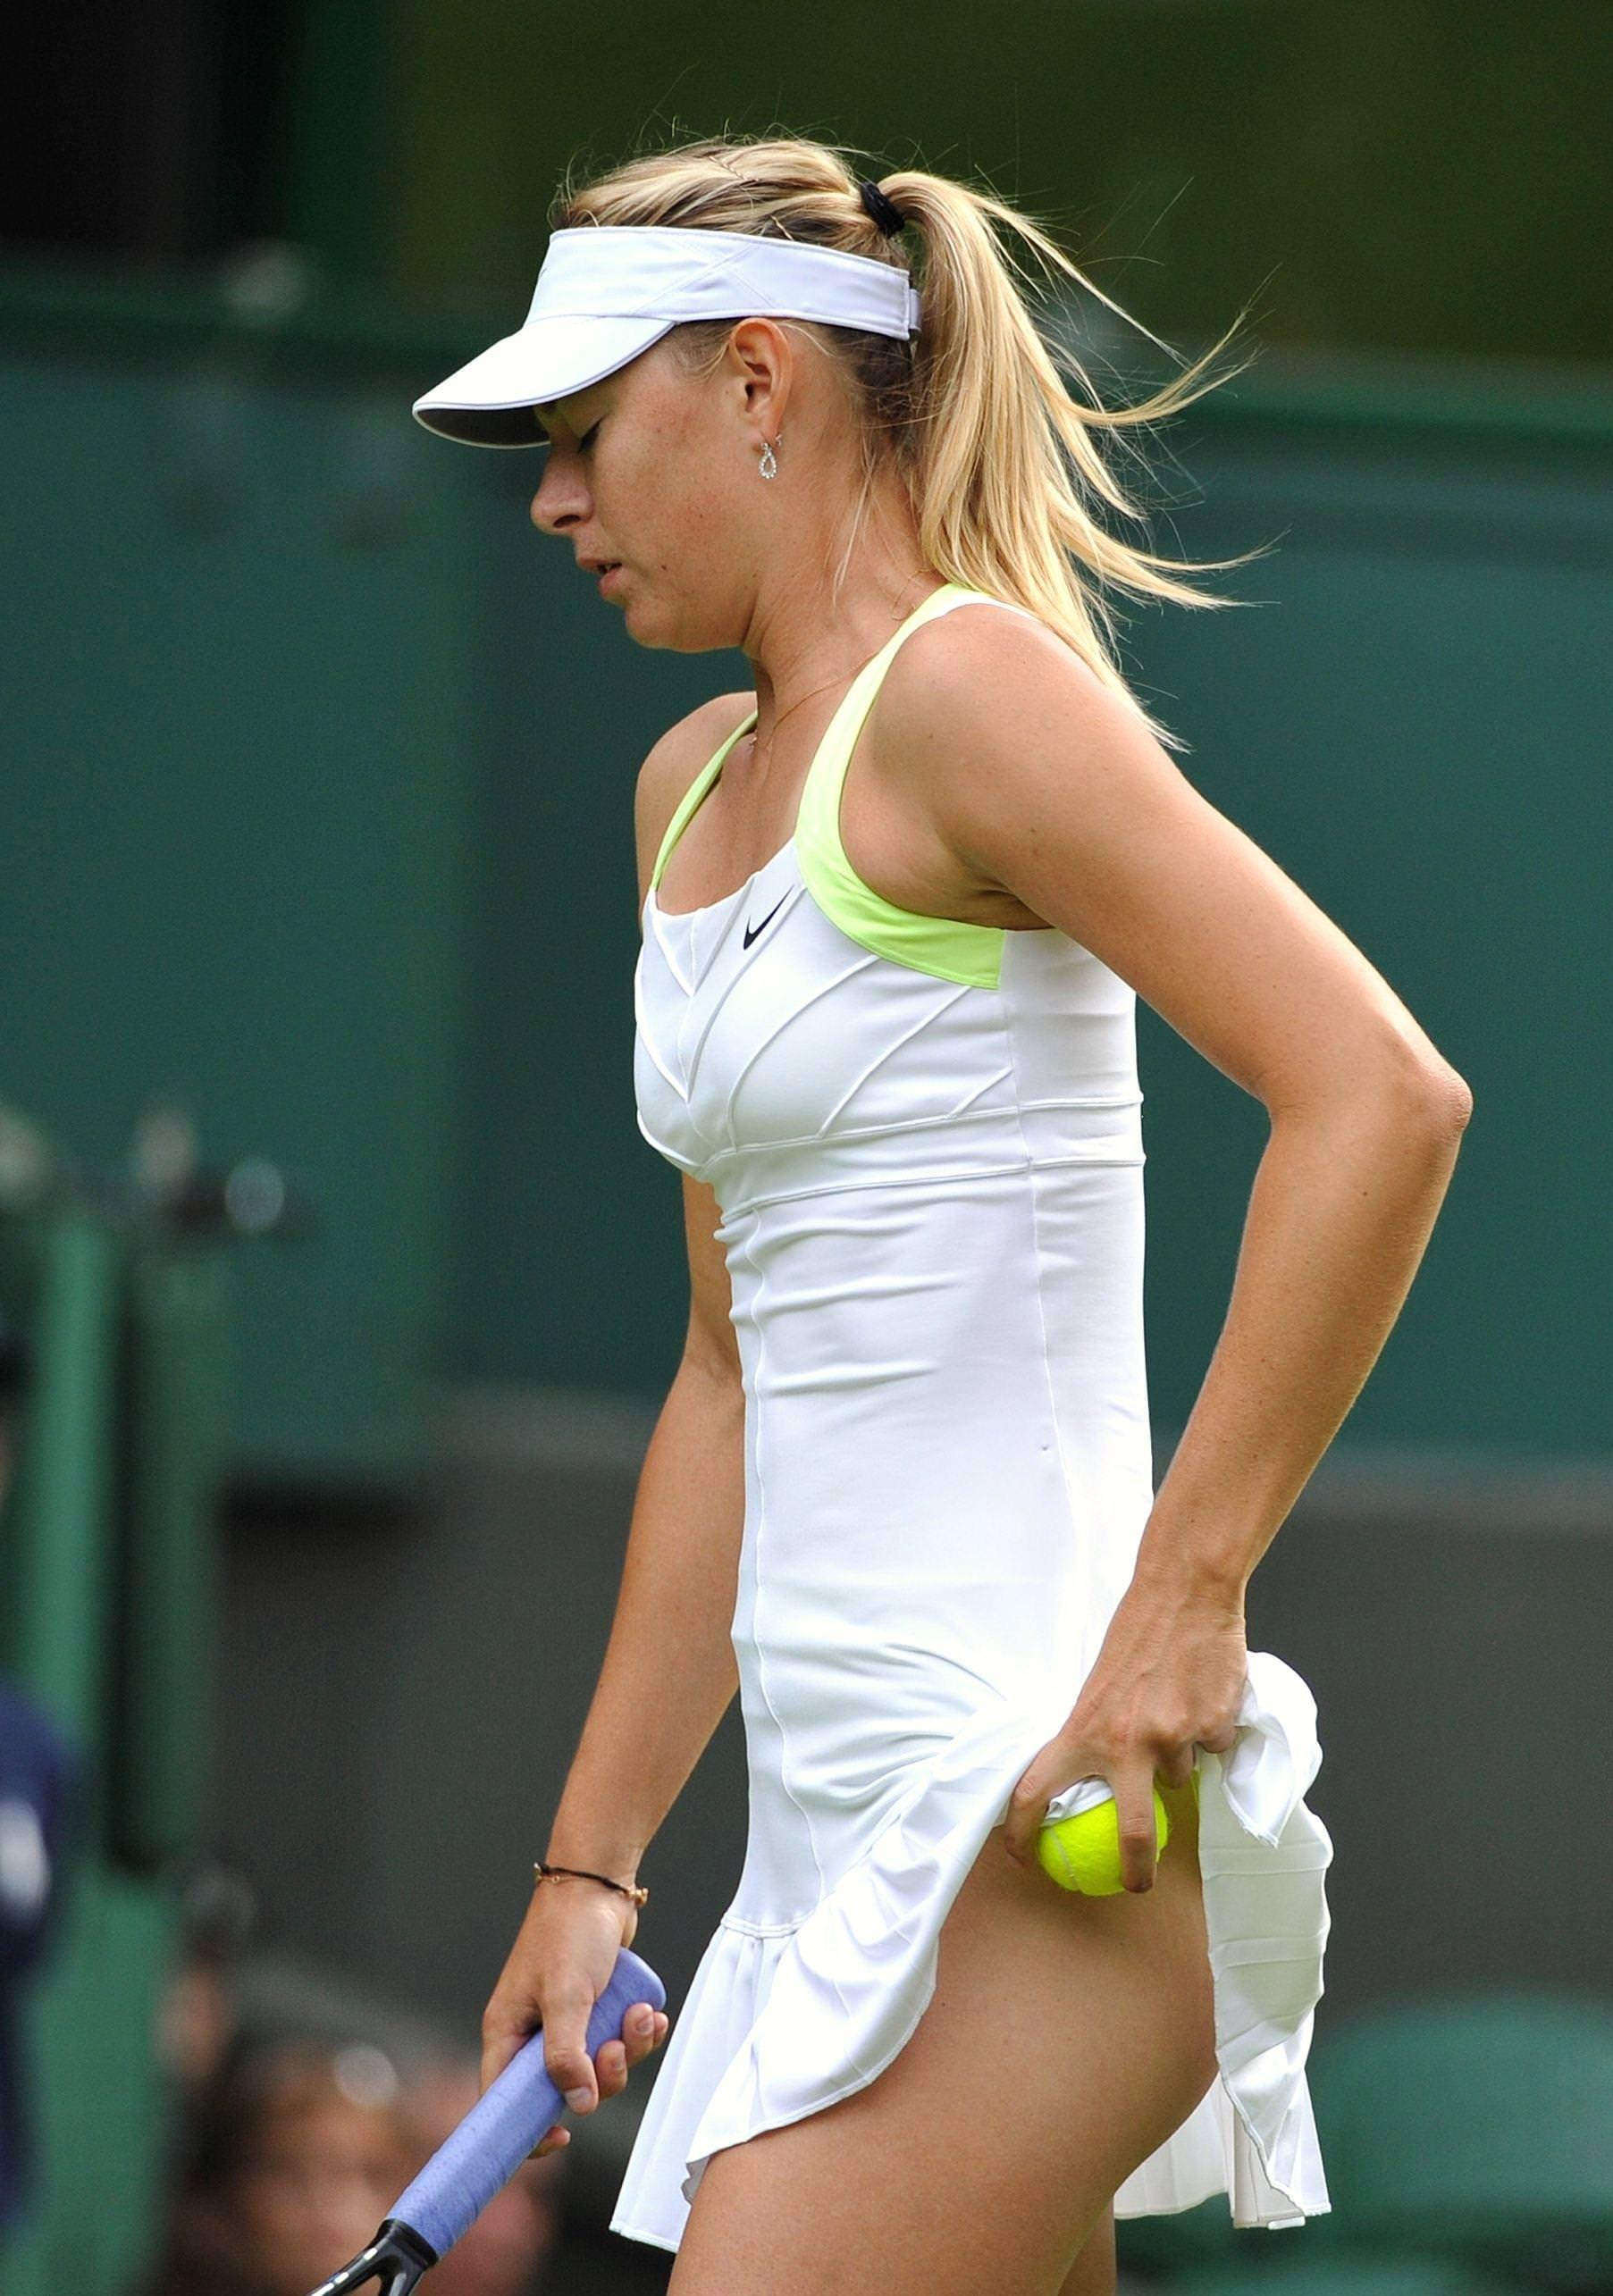 エロすぎる海外の女子テニスプレイヤー 30